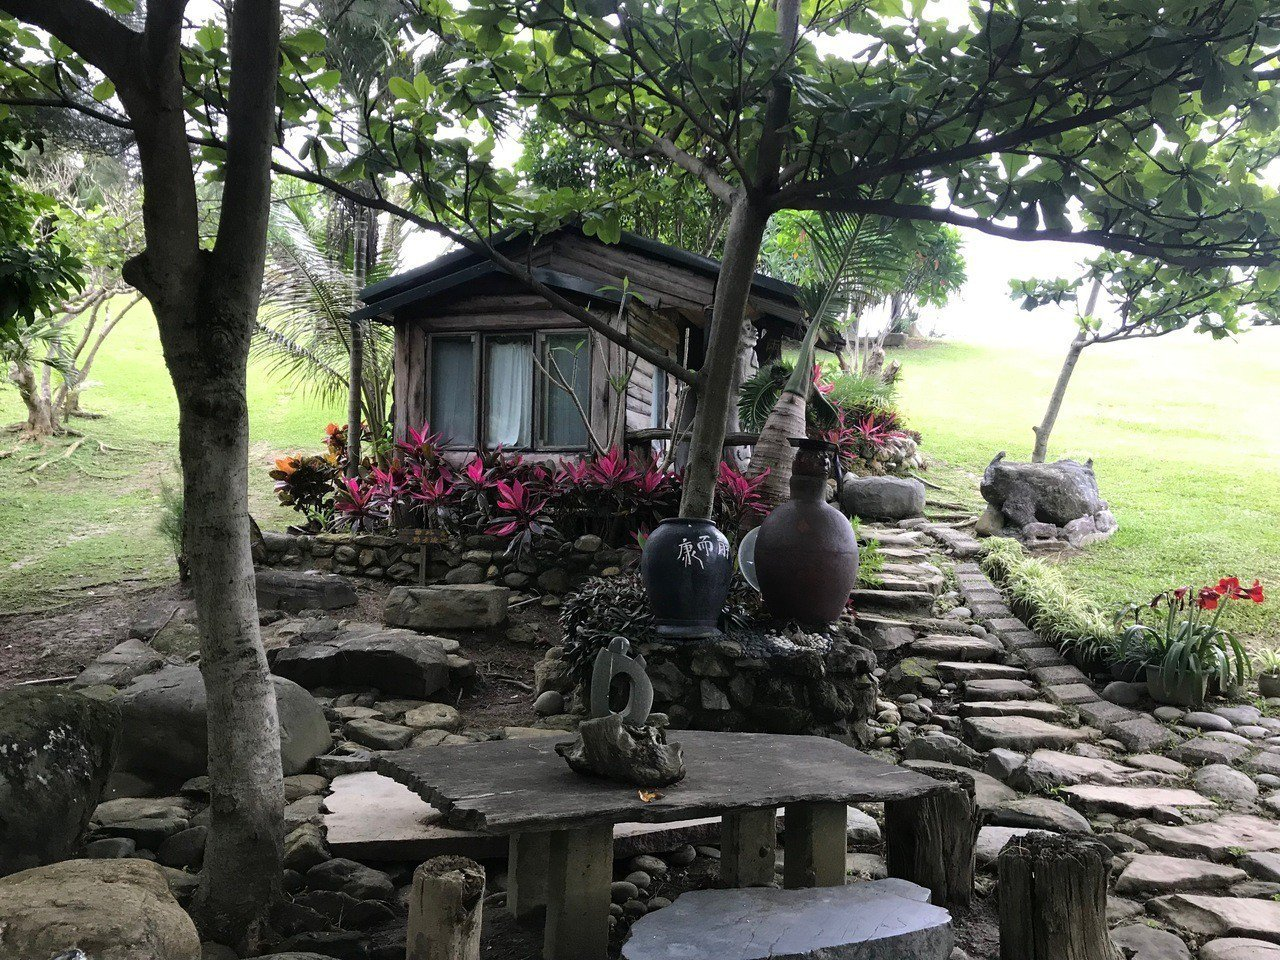 牛山呼庭設有小木屋房間,供遊客過夜。記者王思慧/攝影